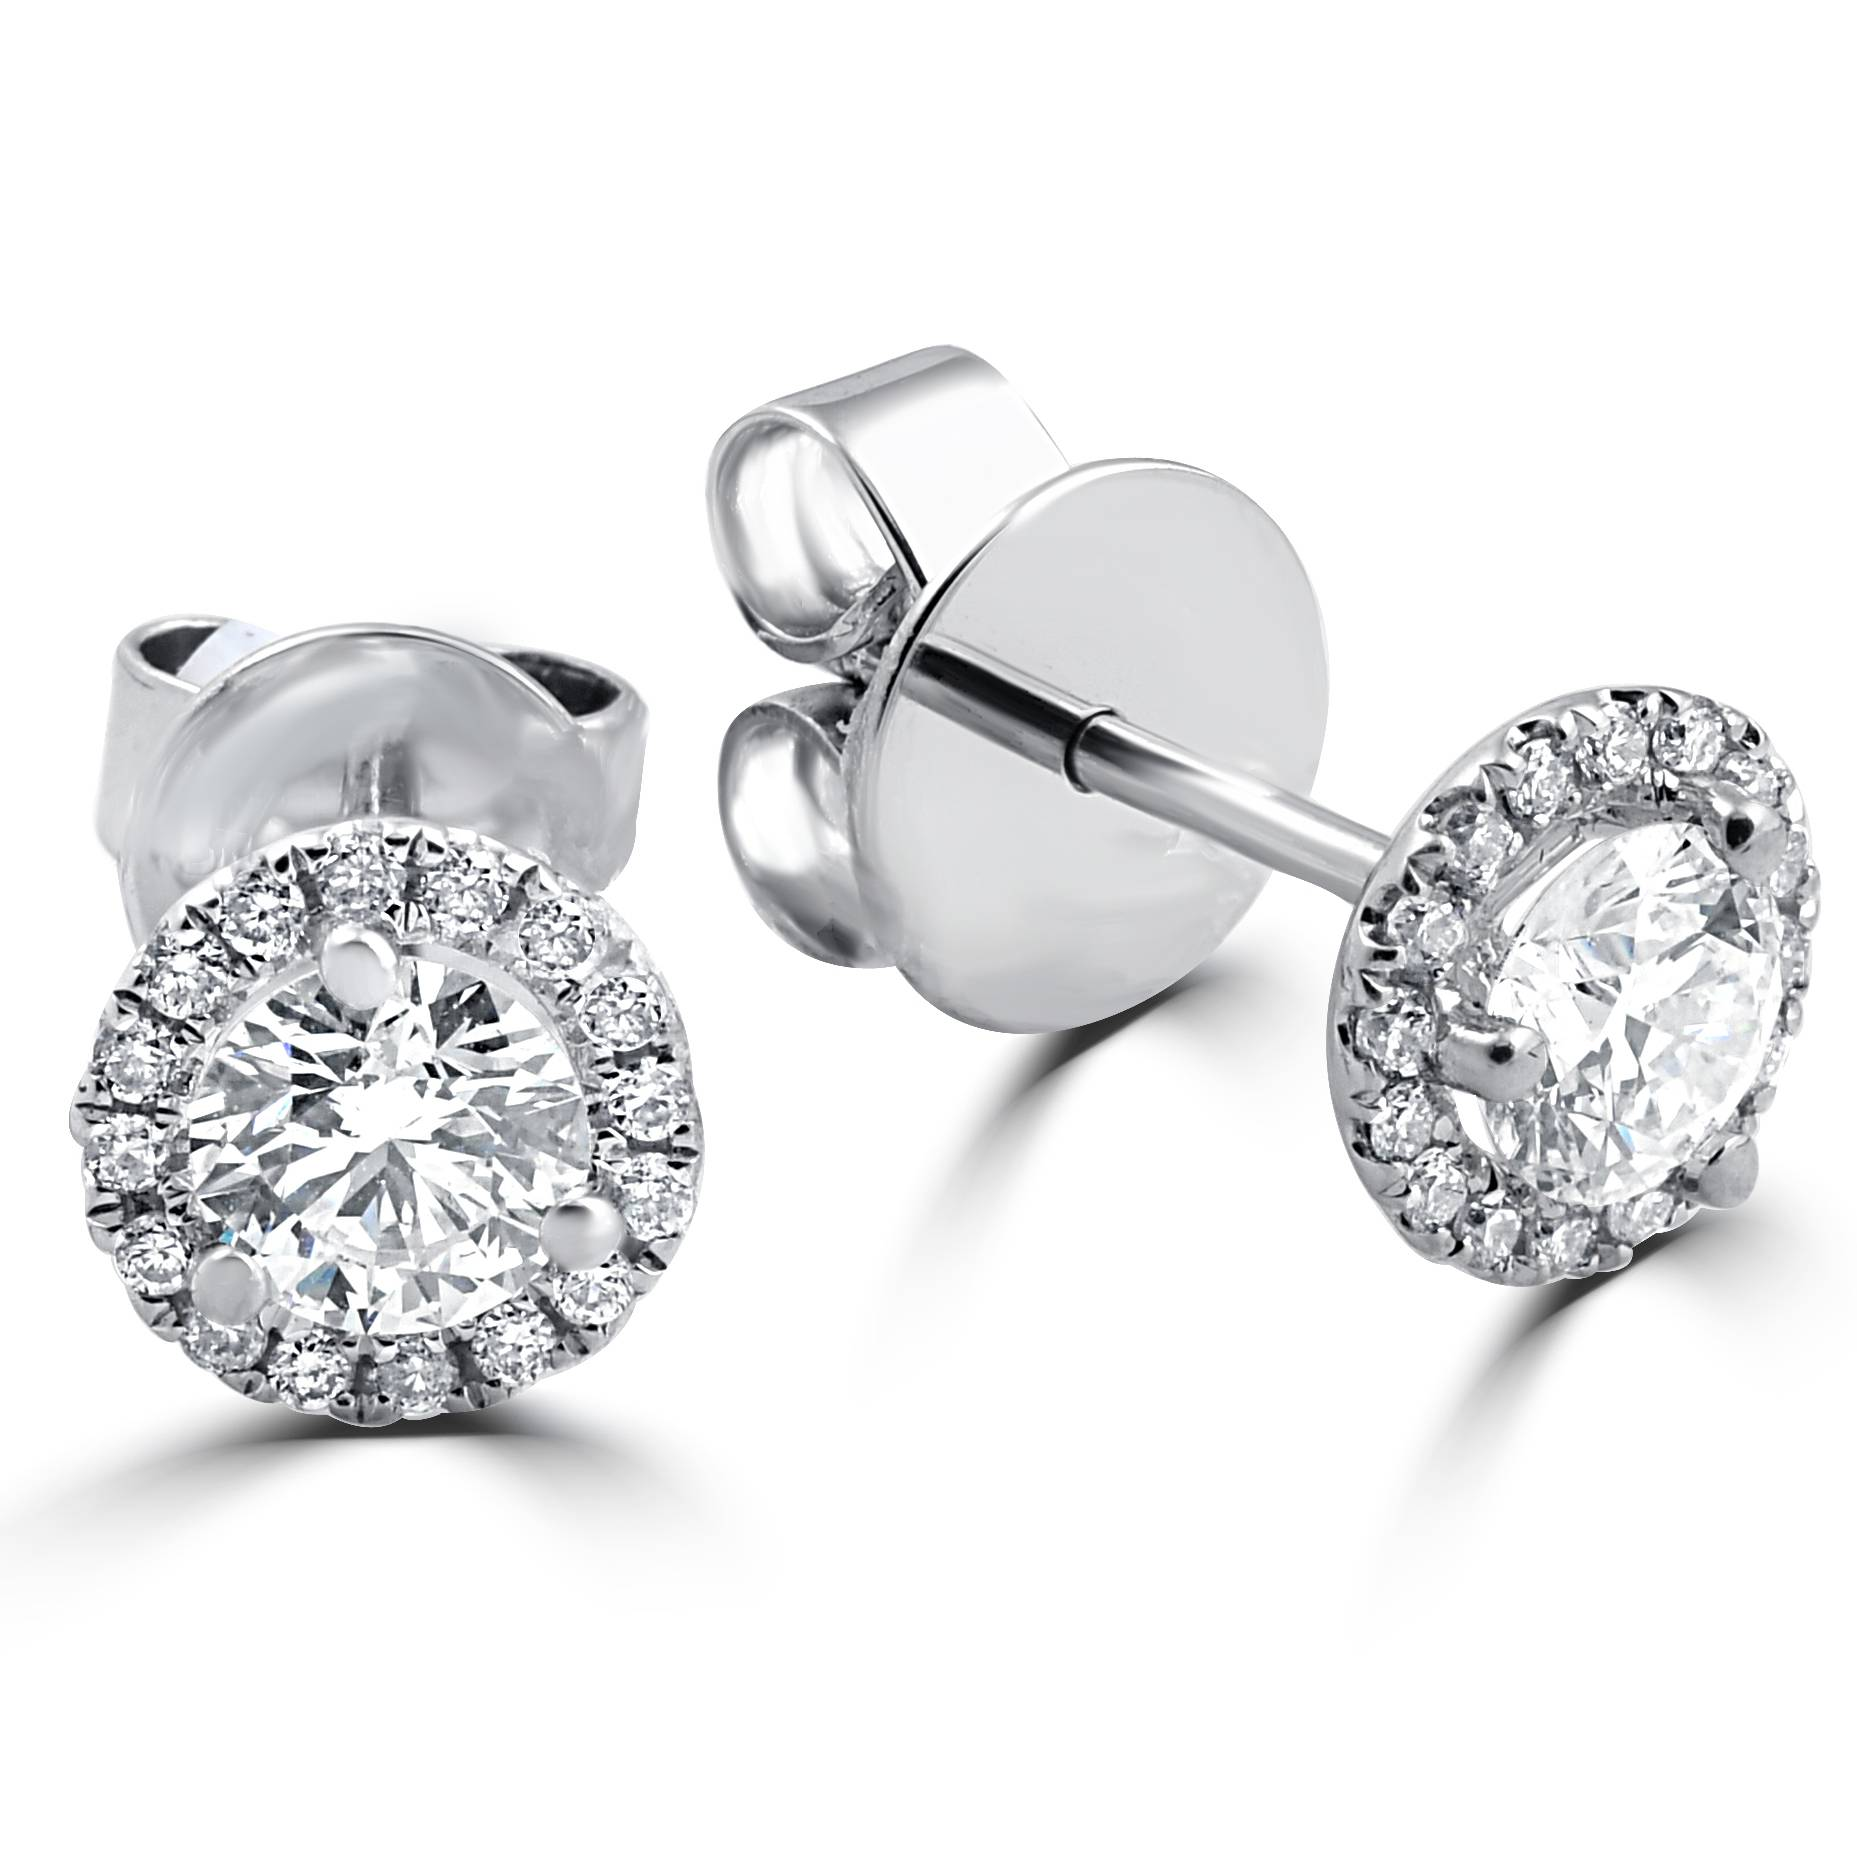 G/I1 Halo Diamond Studs 1/2 Carat 18K White Gold 6mm | eBay